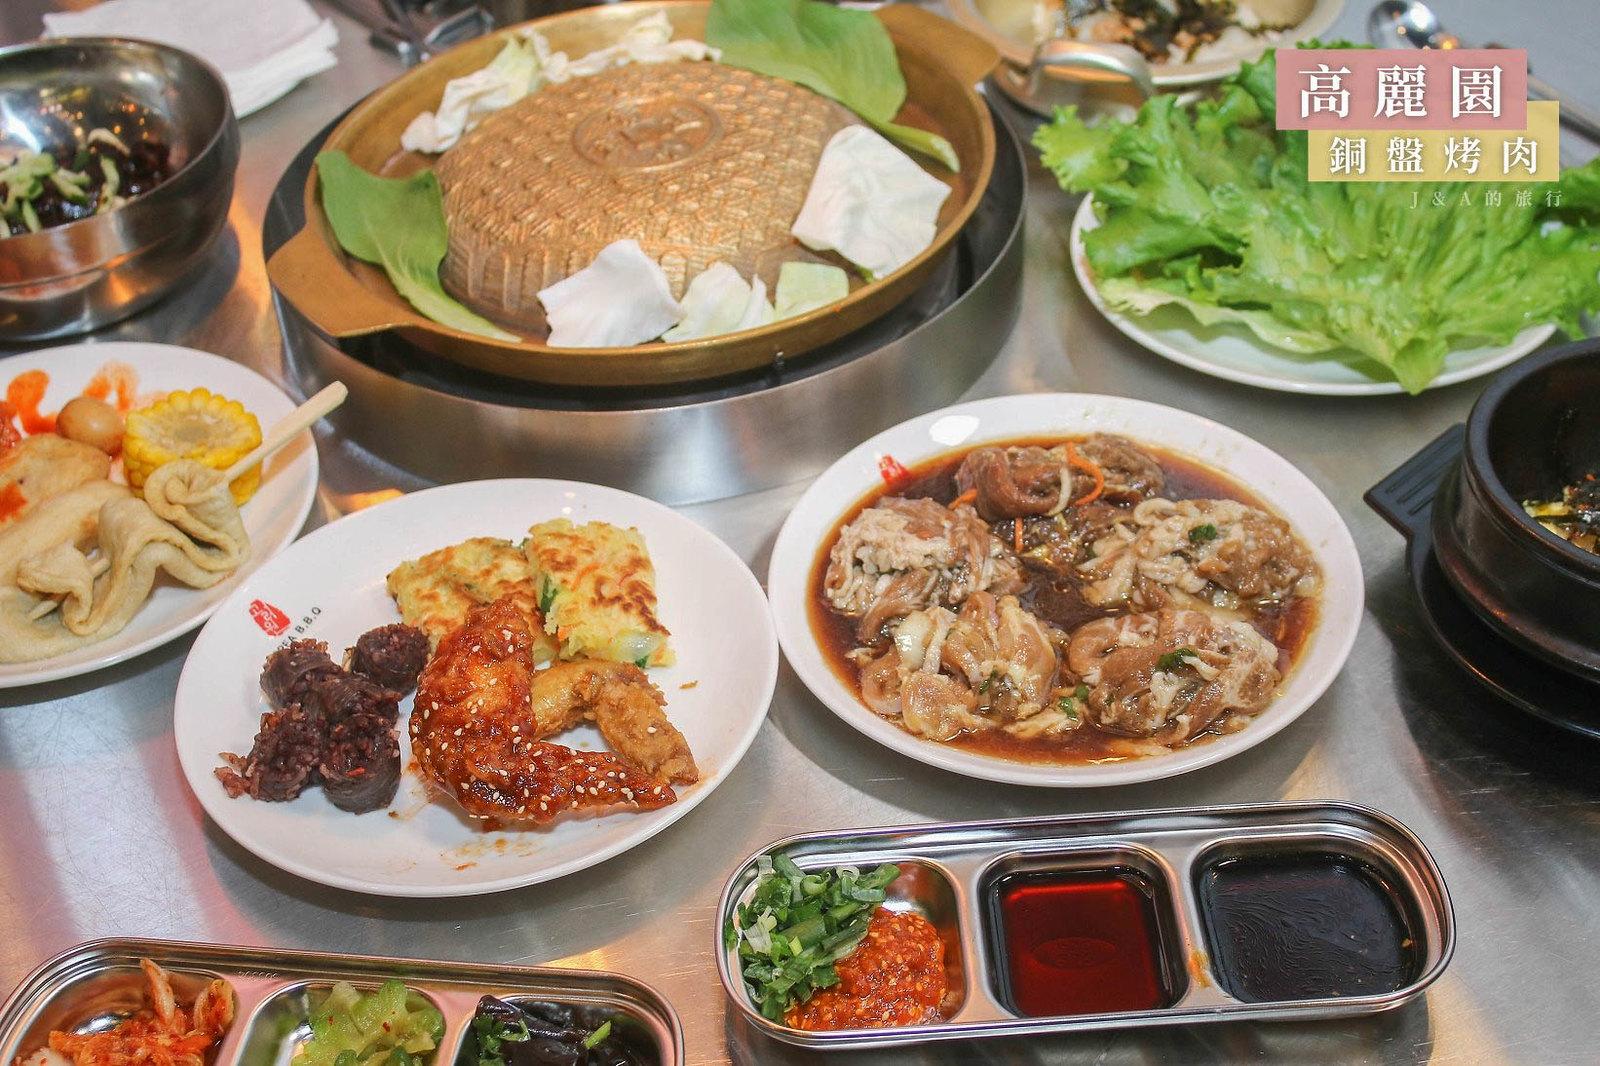 最新推播訊息:銅盤烤肉、韓式料理吃到飽!